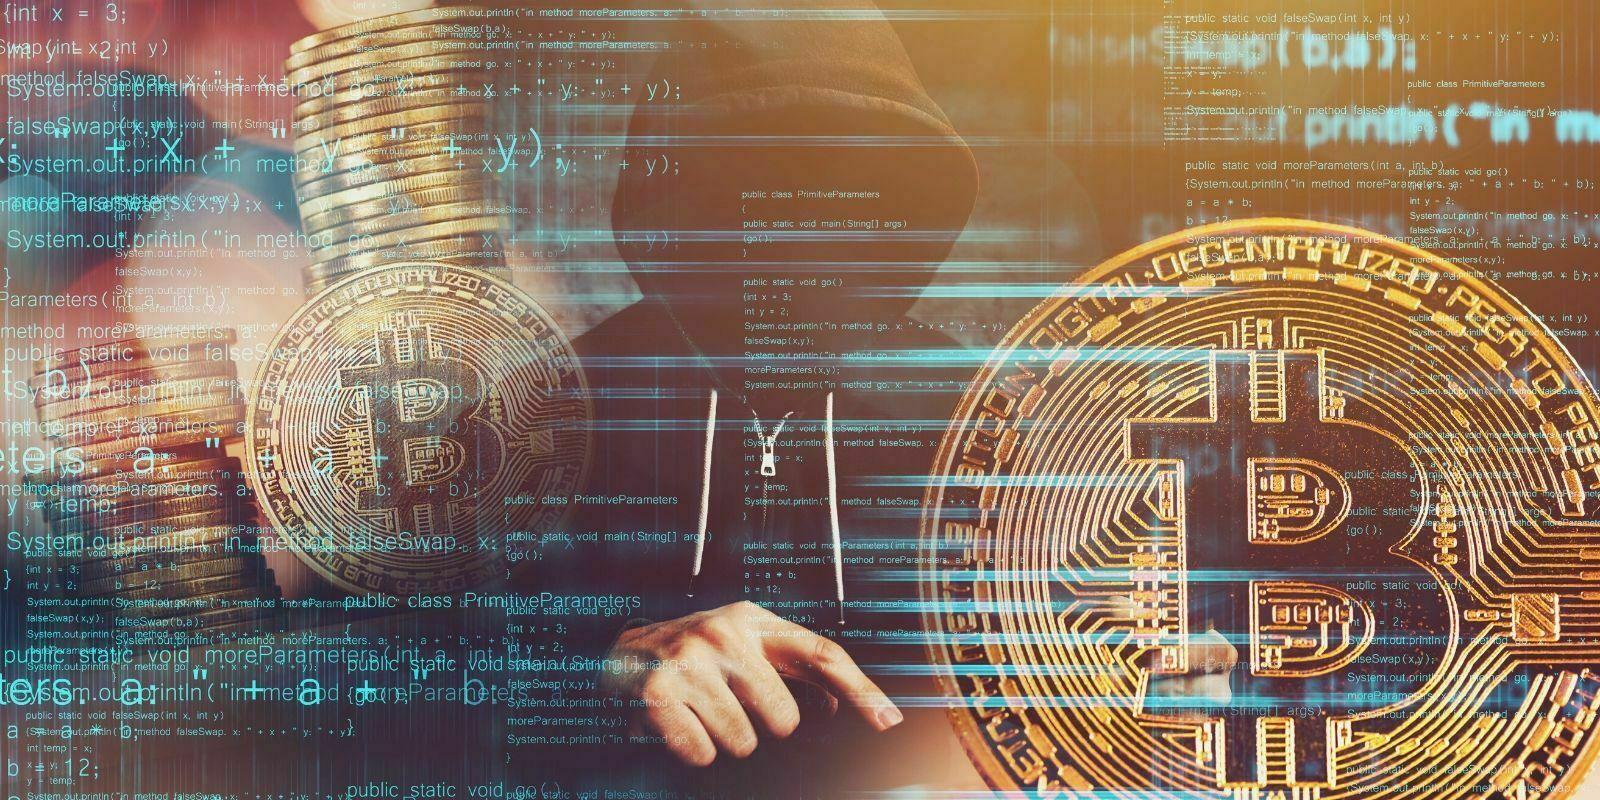 Un ransomware Bitcoin paralyse des maisons de retraites aux États-Unis